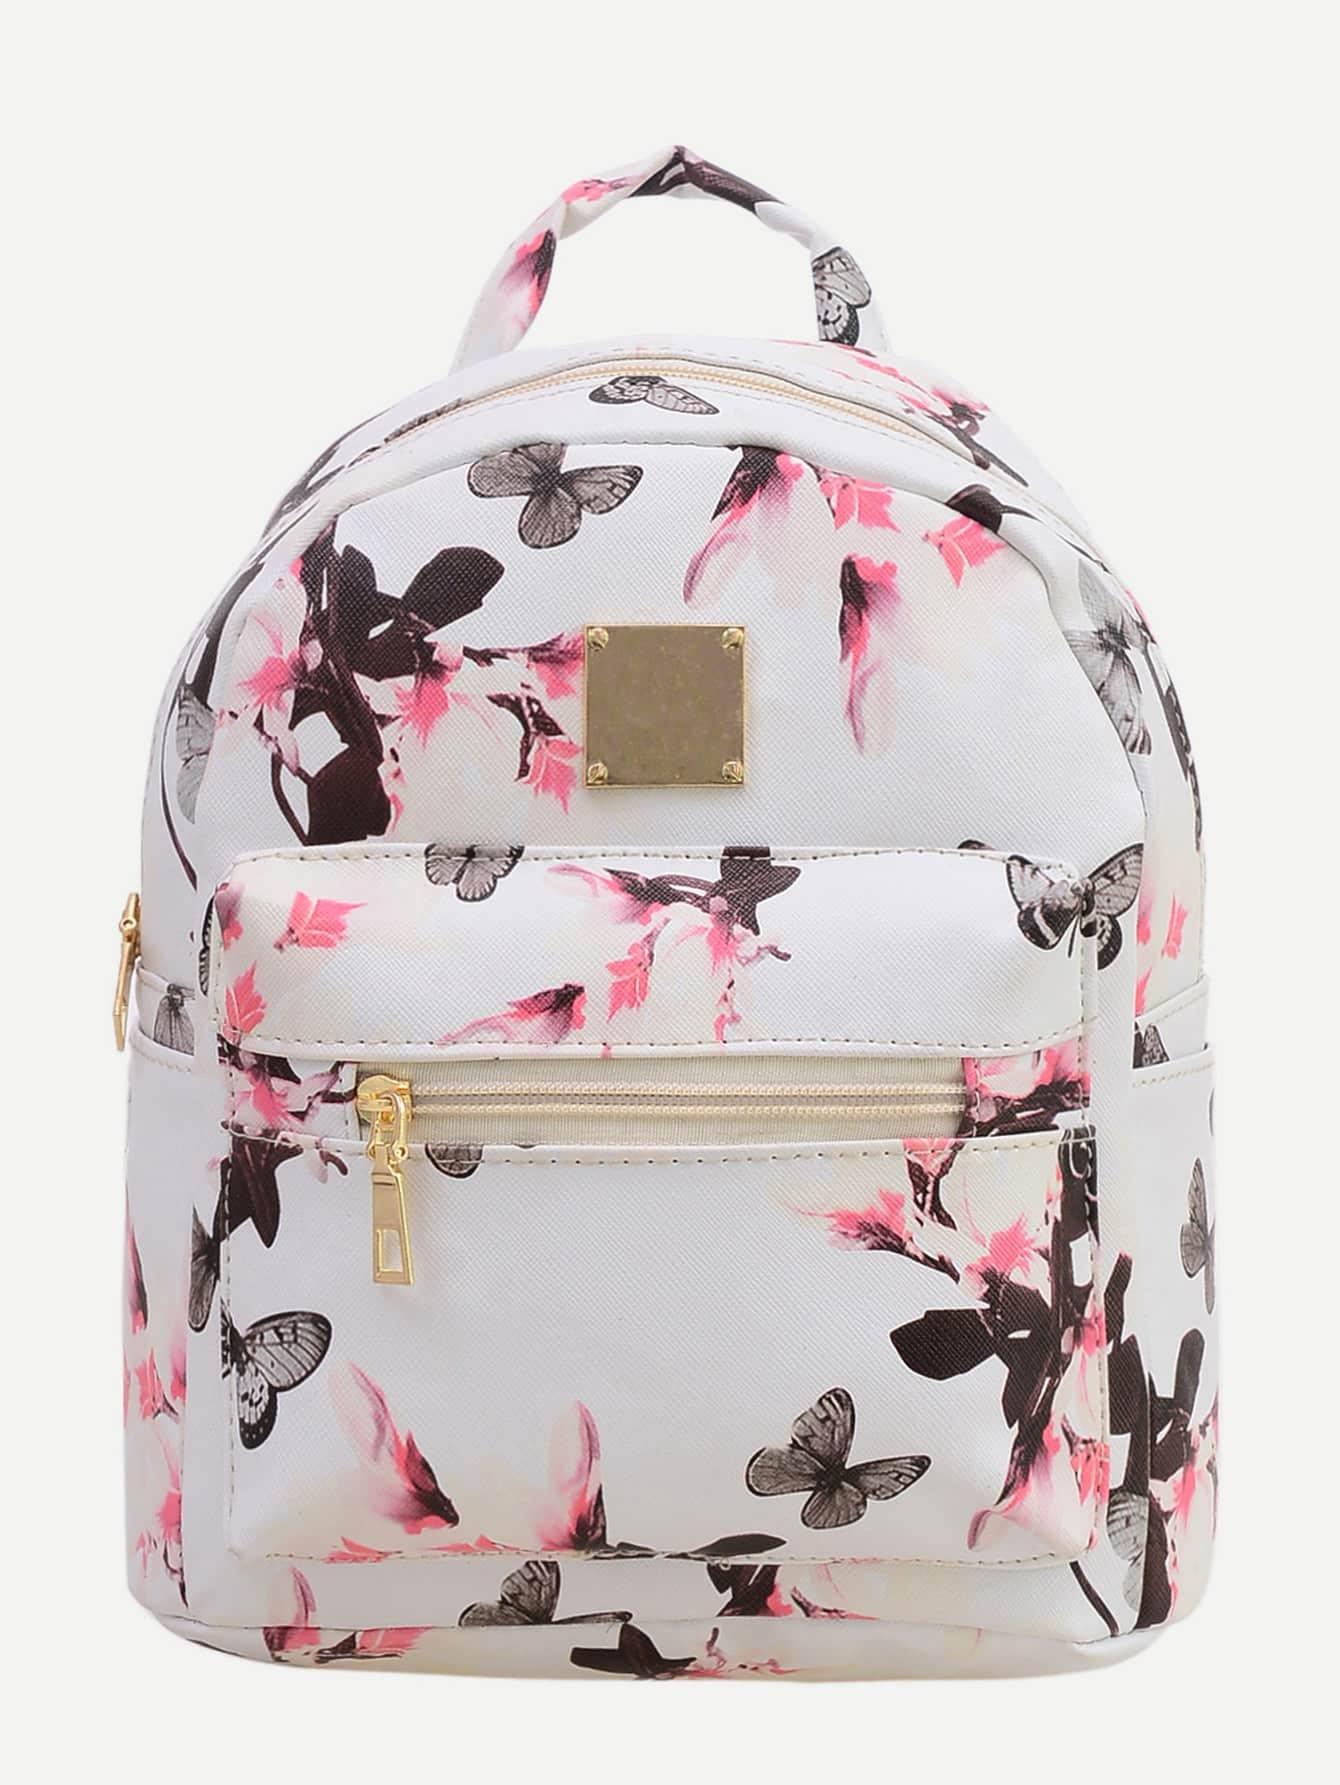 Allover Vintage Flower Print Backpack - White